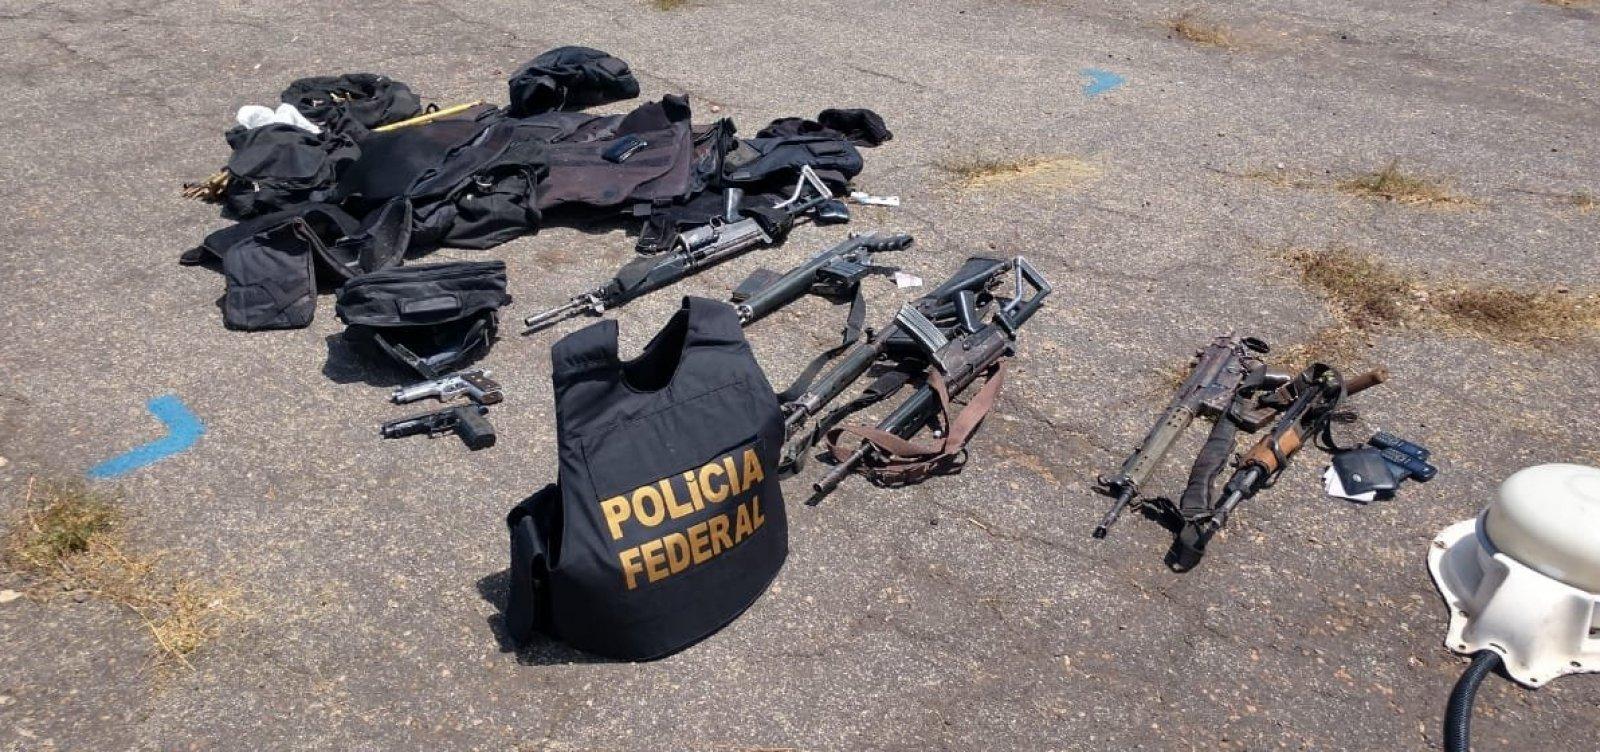 [Seis suspeitos são mortos em tentativa de roubo a avião que transportava dinheiro]